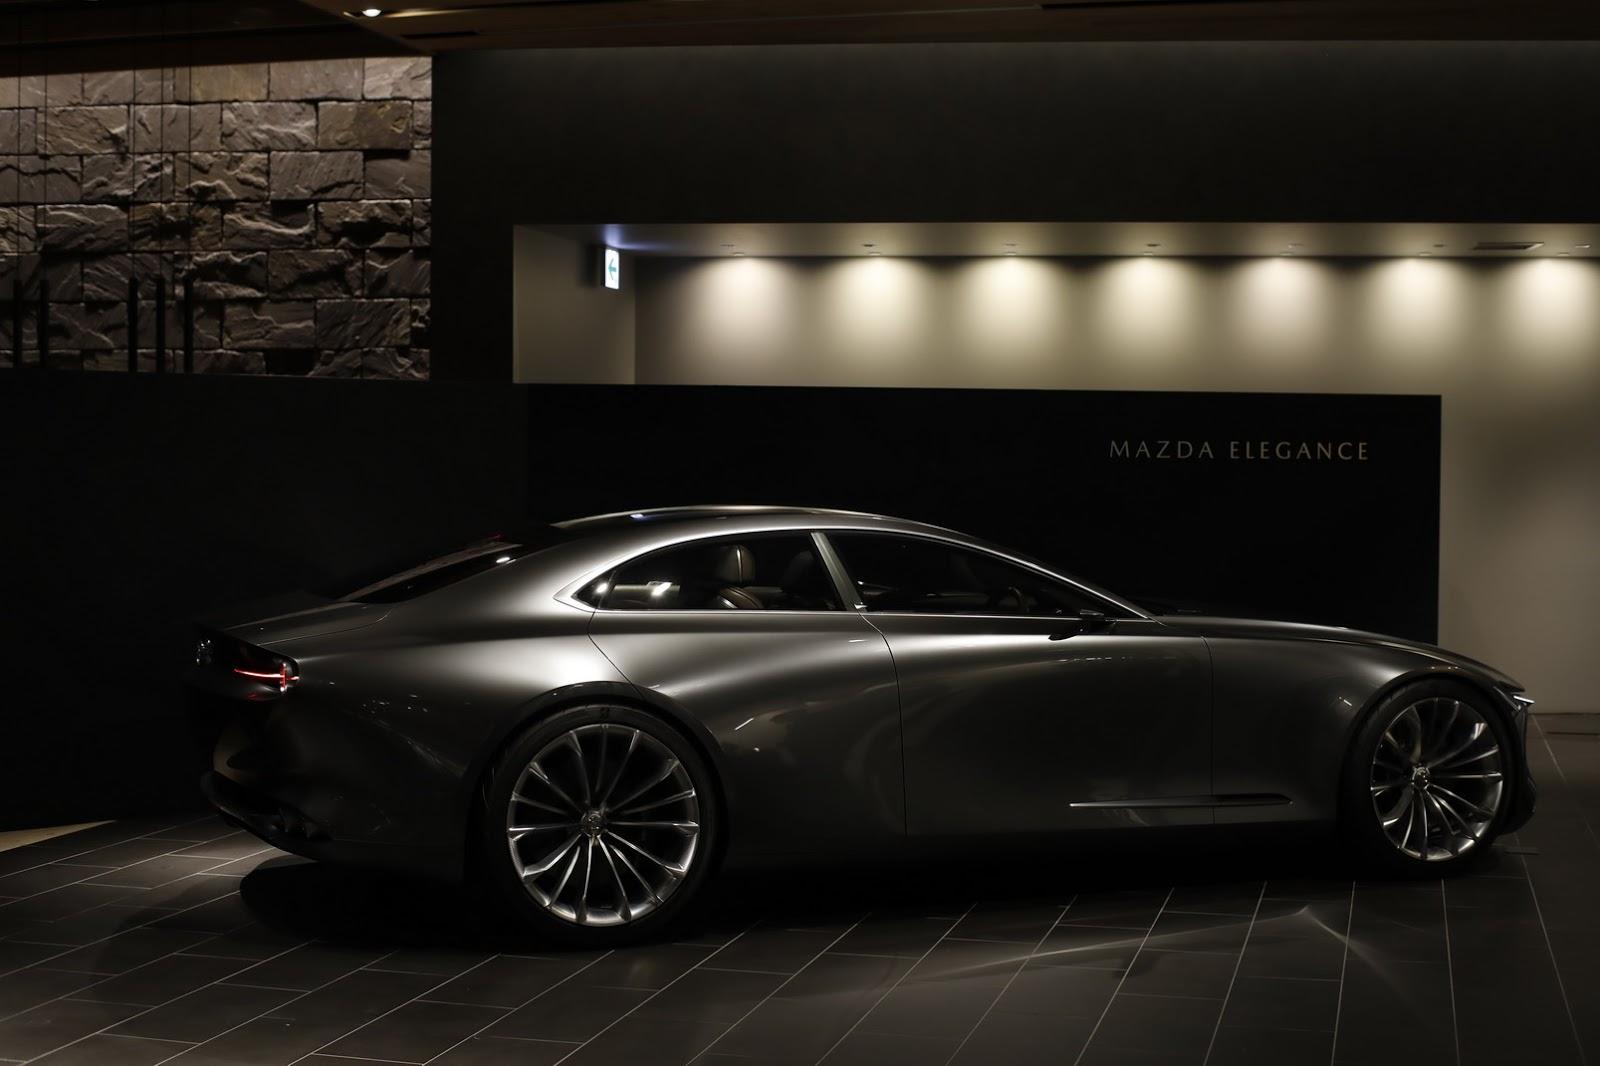 Mazda đang phát triển động cơ xăng và dầu 6 động cơ Skyactiv-X mới - 08